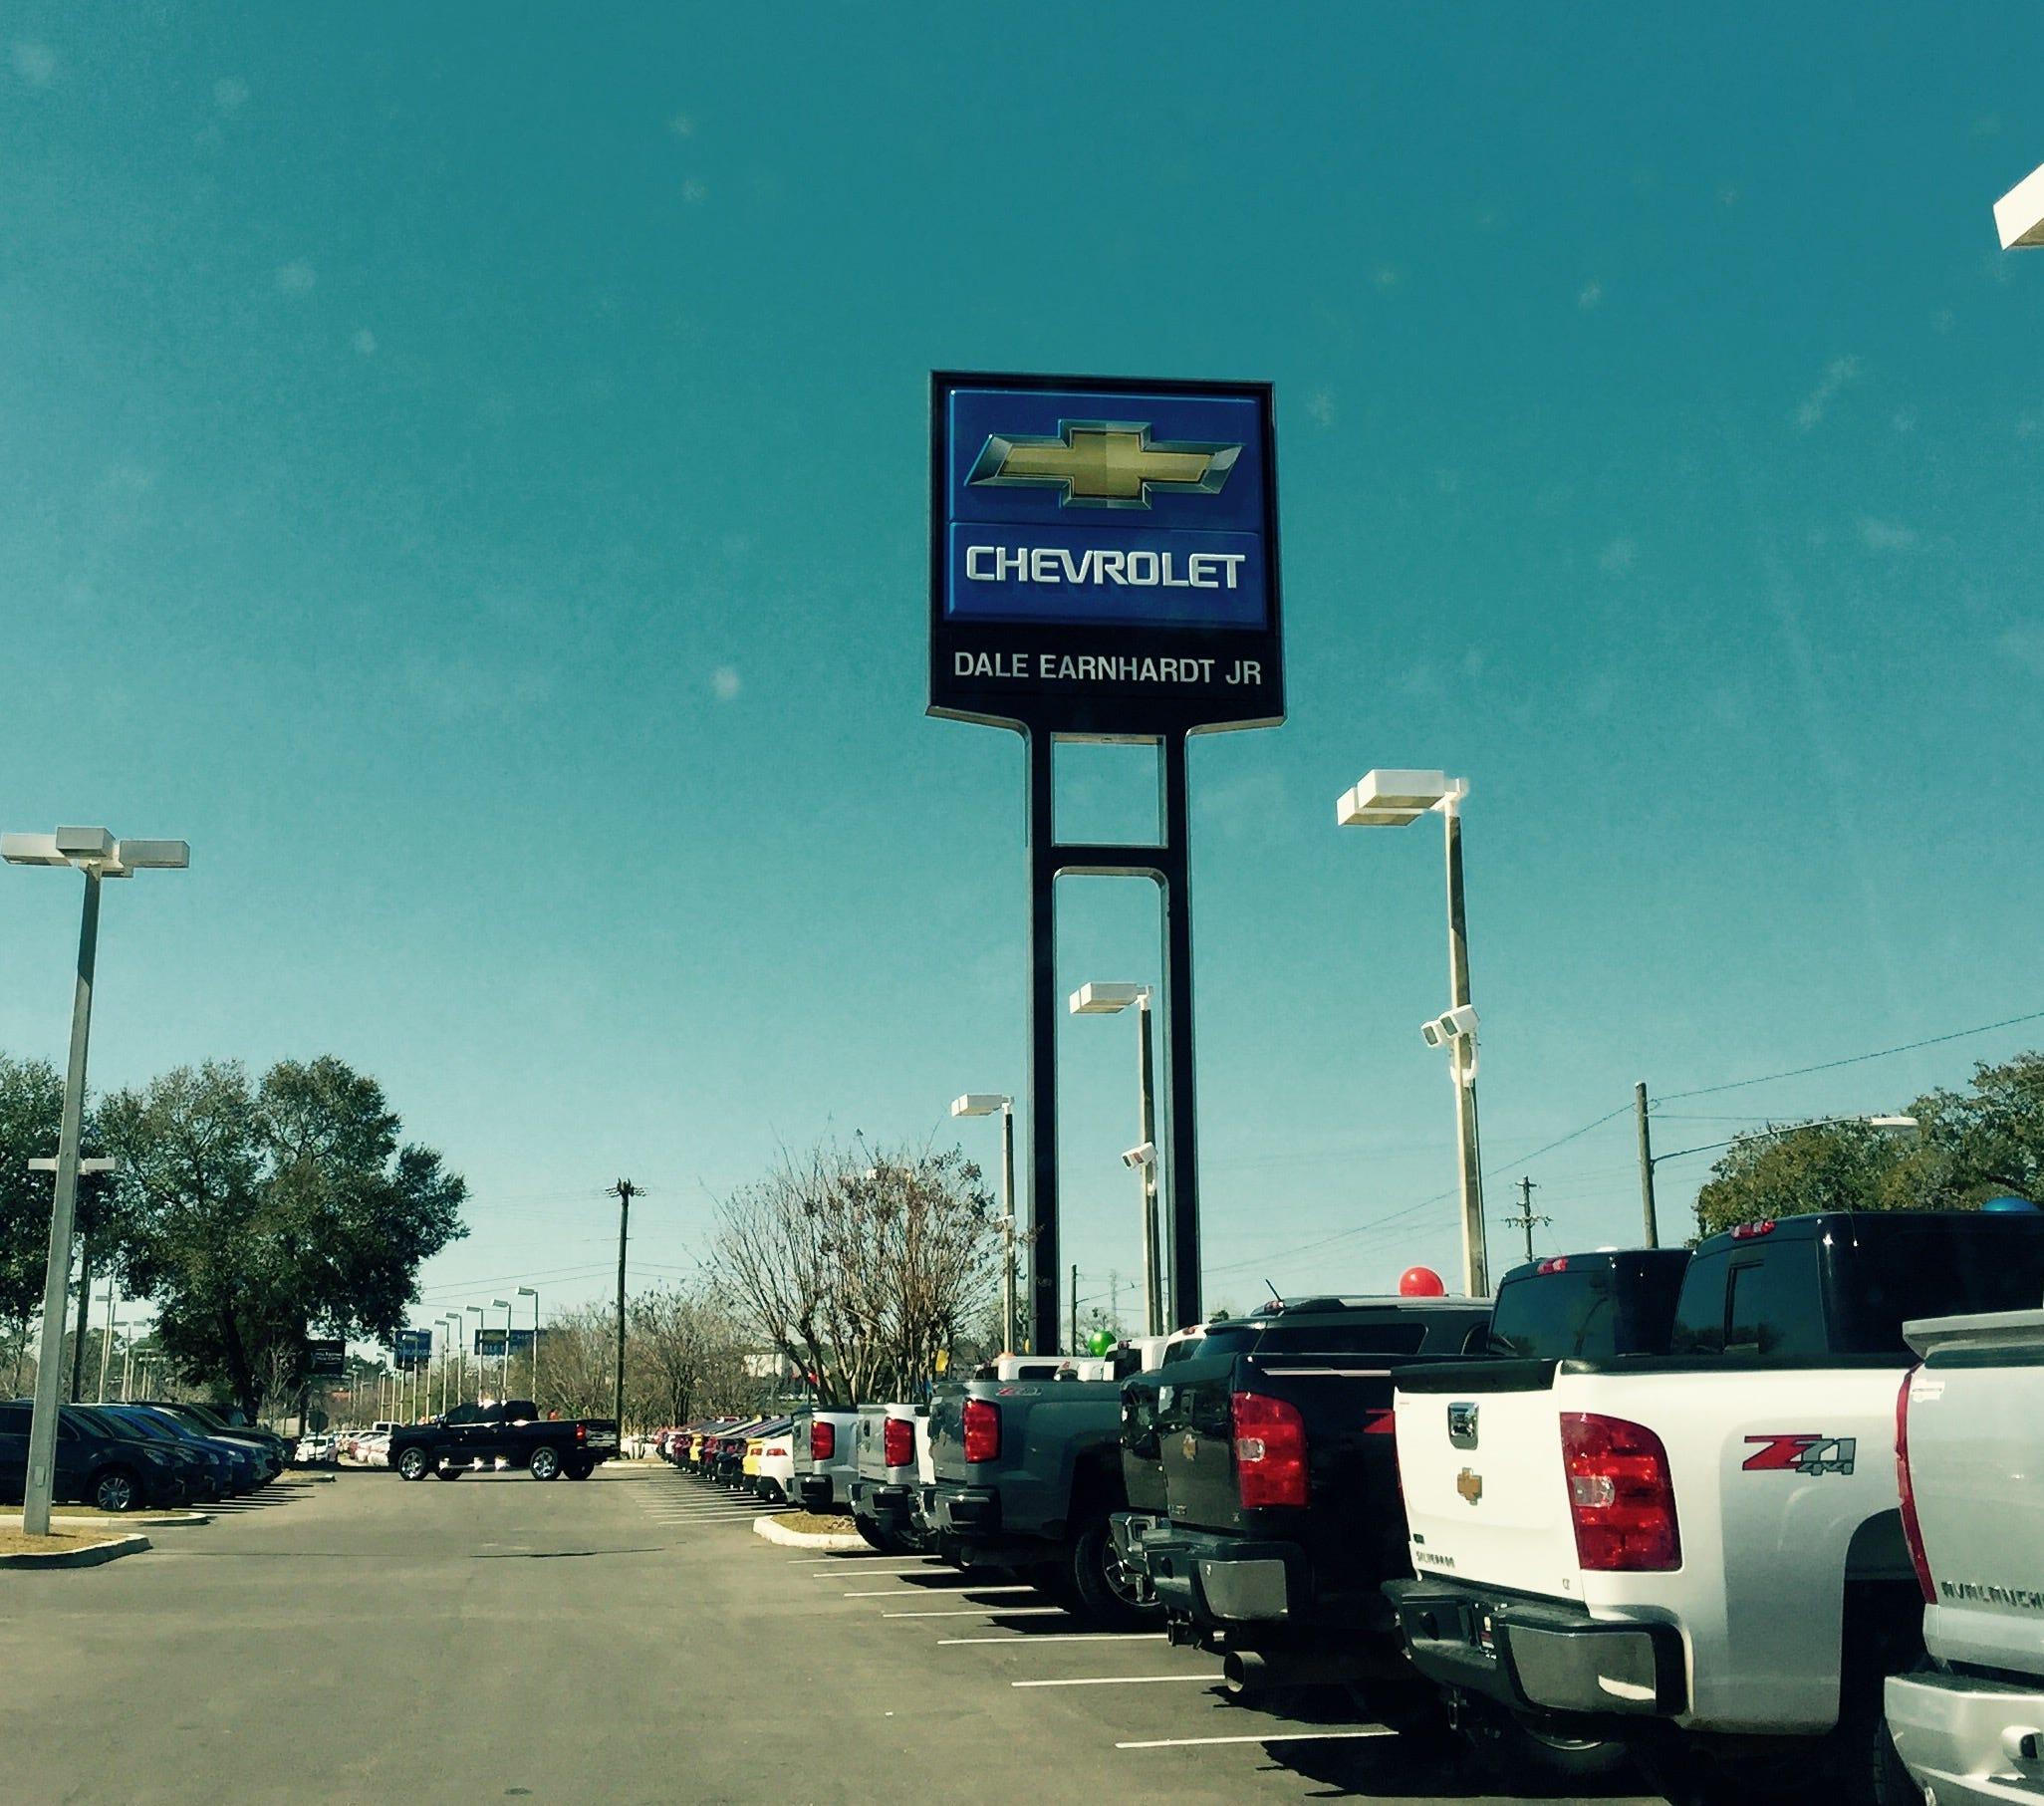 The Dale Earnhardt Jr. Chevrolet Dealership, On West